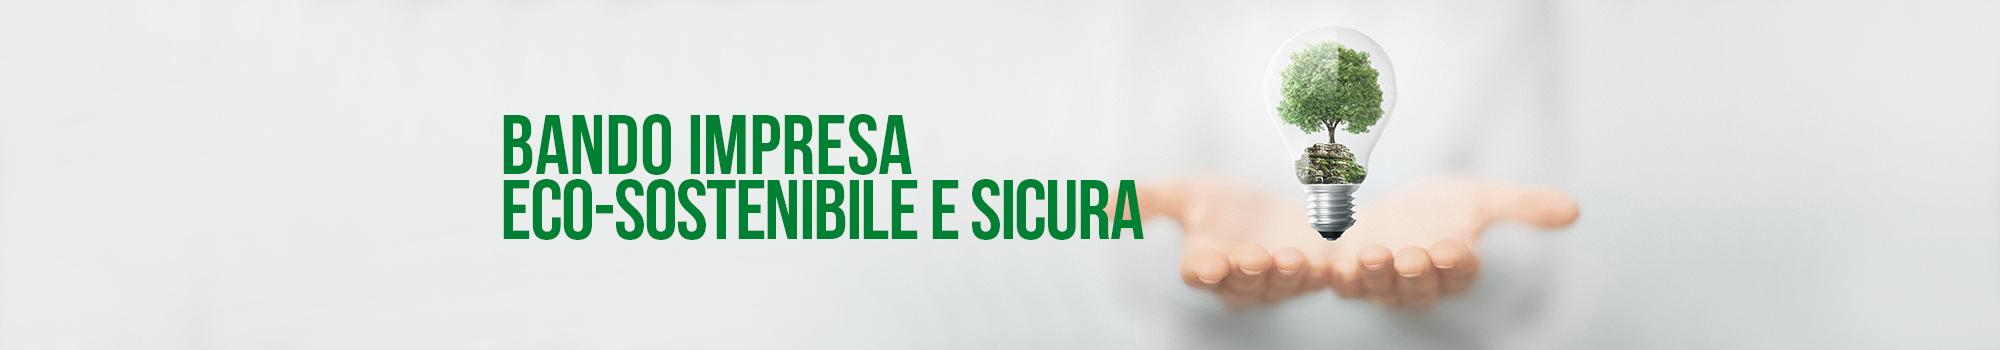 2019-Impresa-Eco-Sostenibile_slider-1